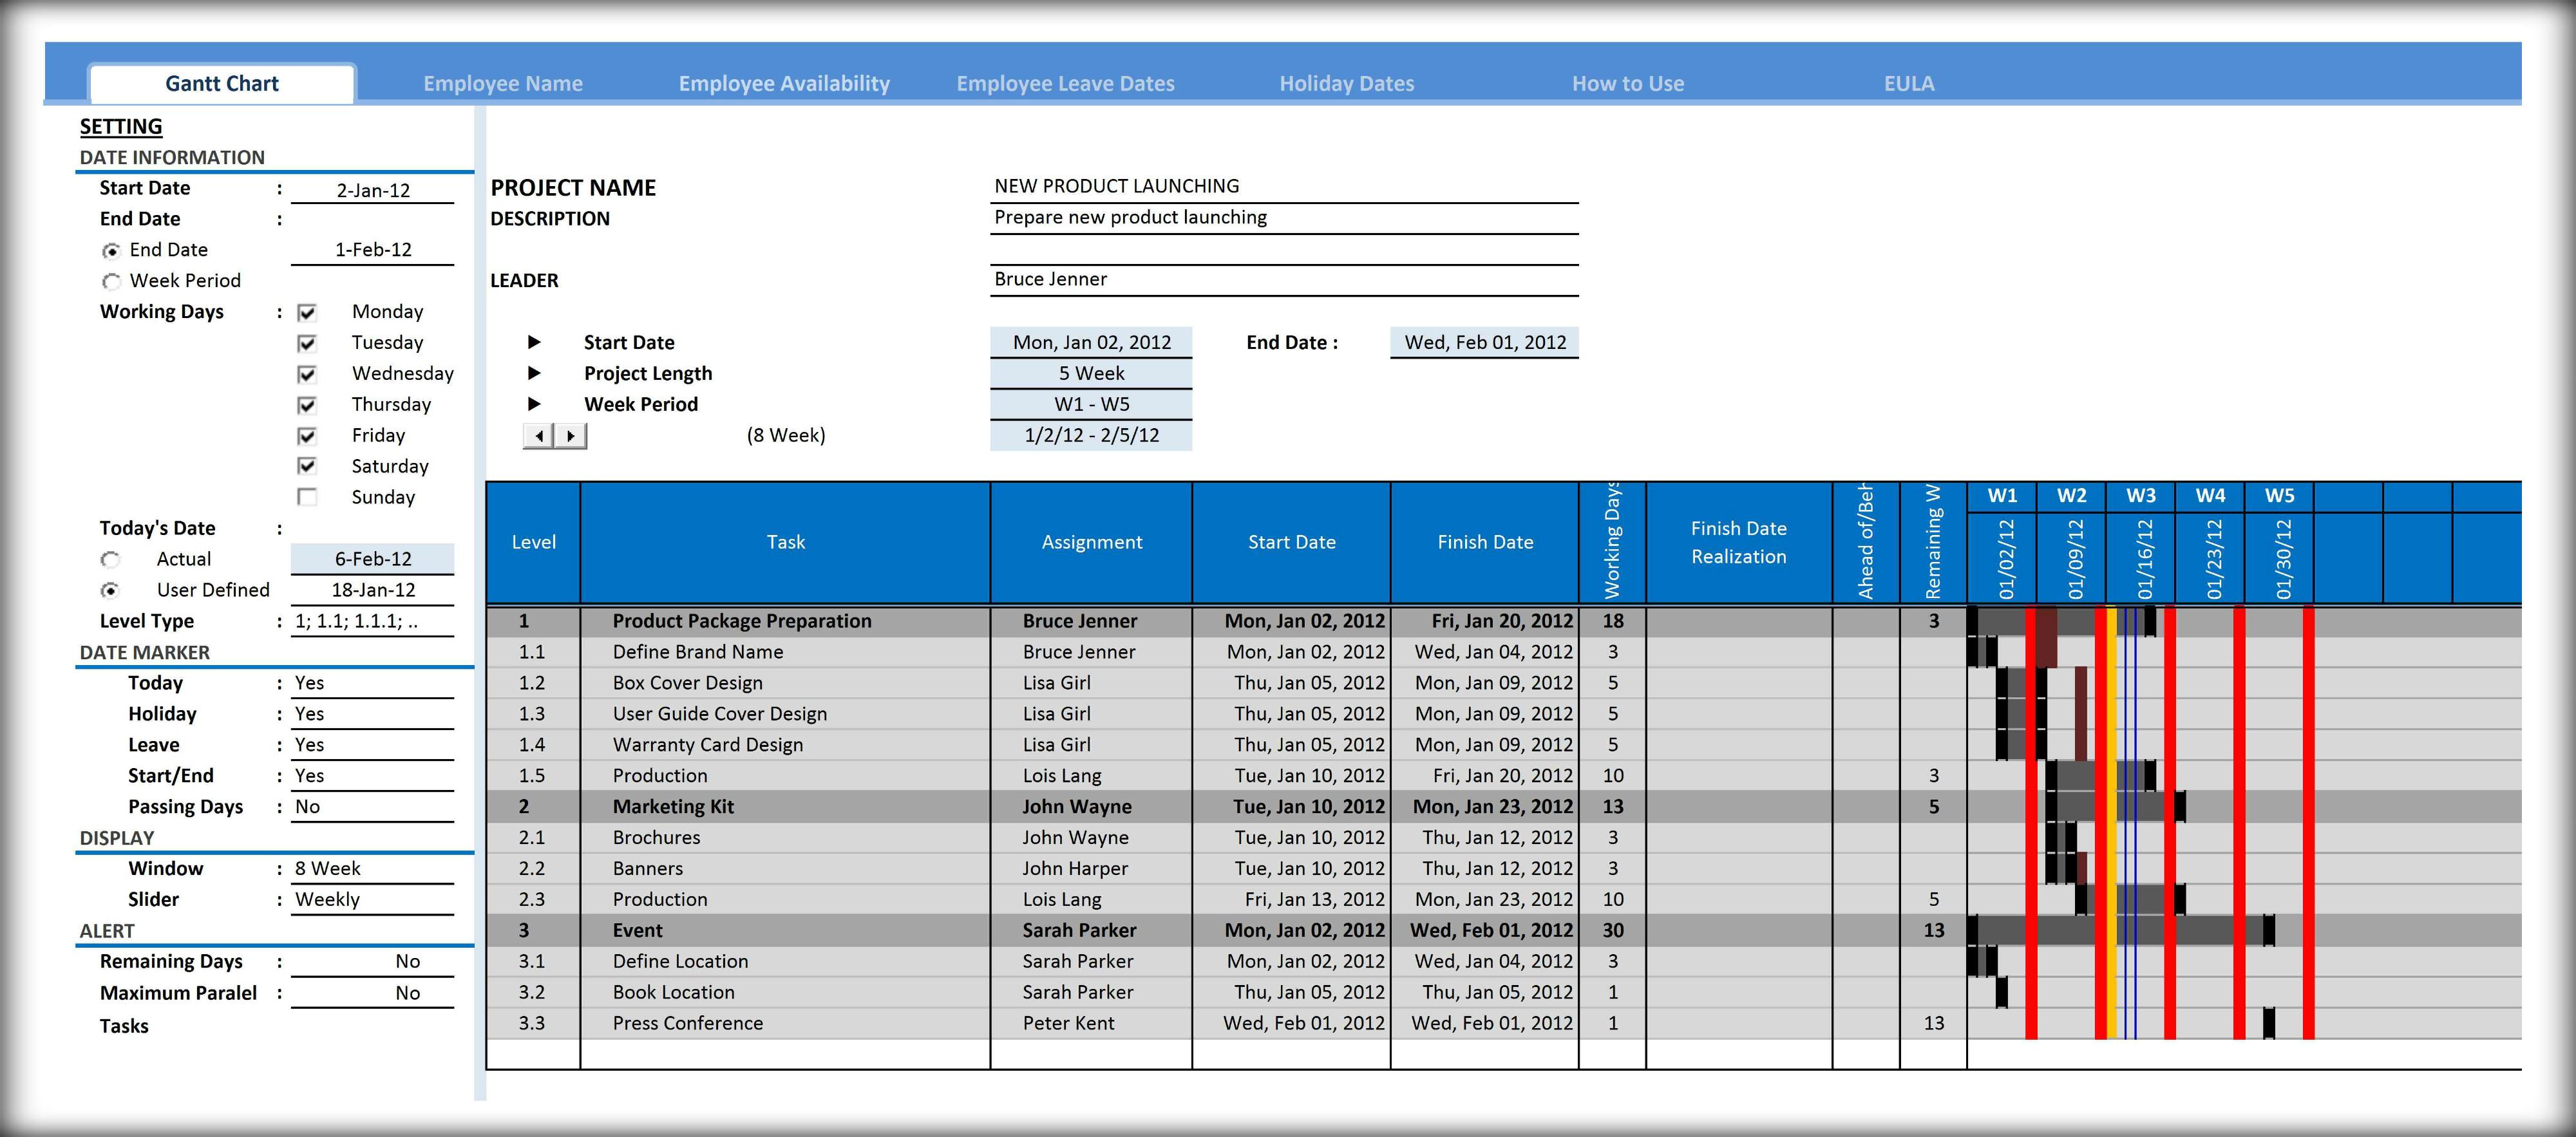 Gantt Chart Template For Excel - Excelindo in Gantt Chart Spreadsheet